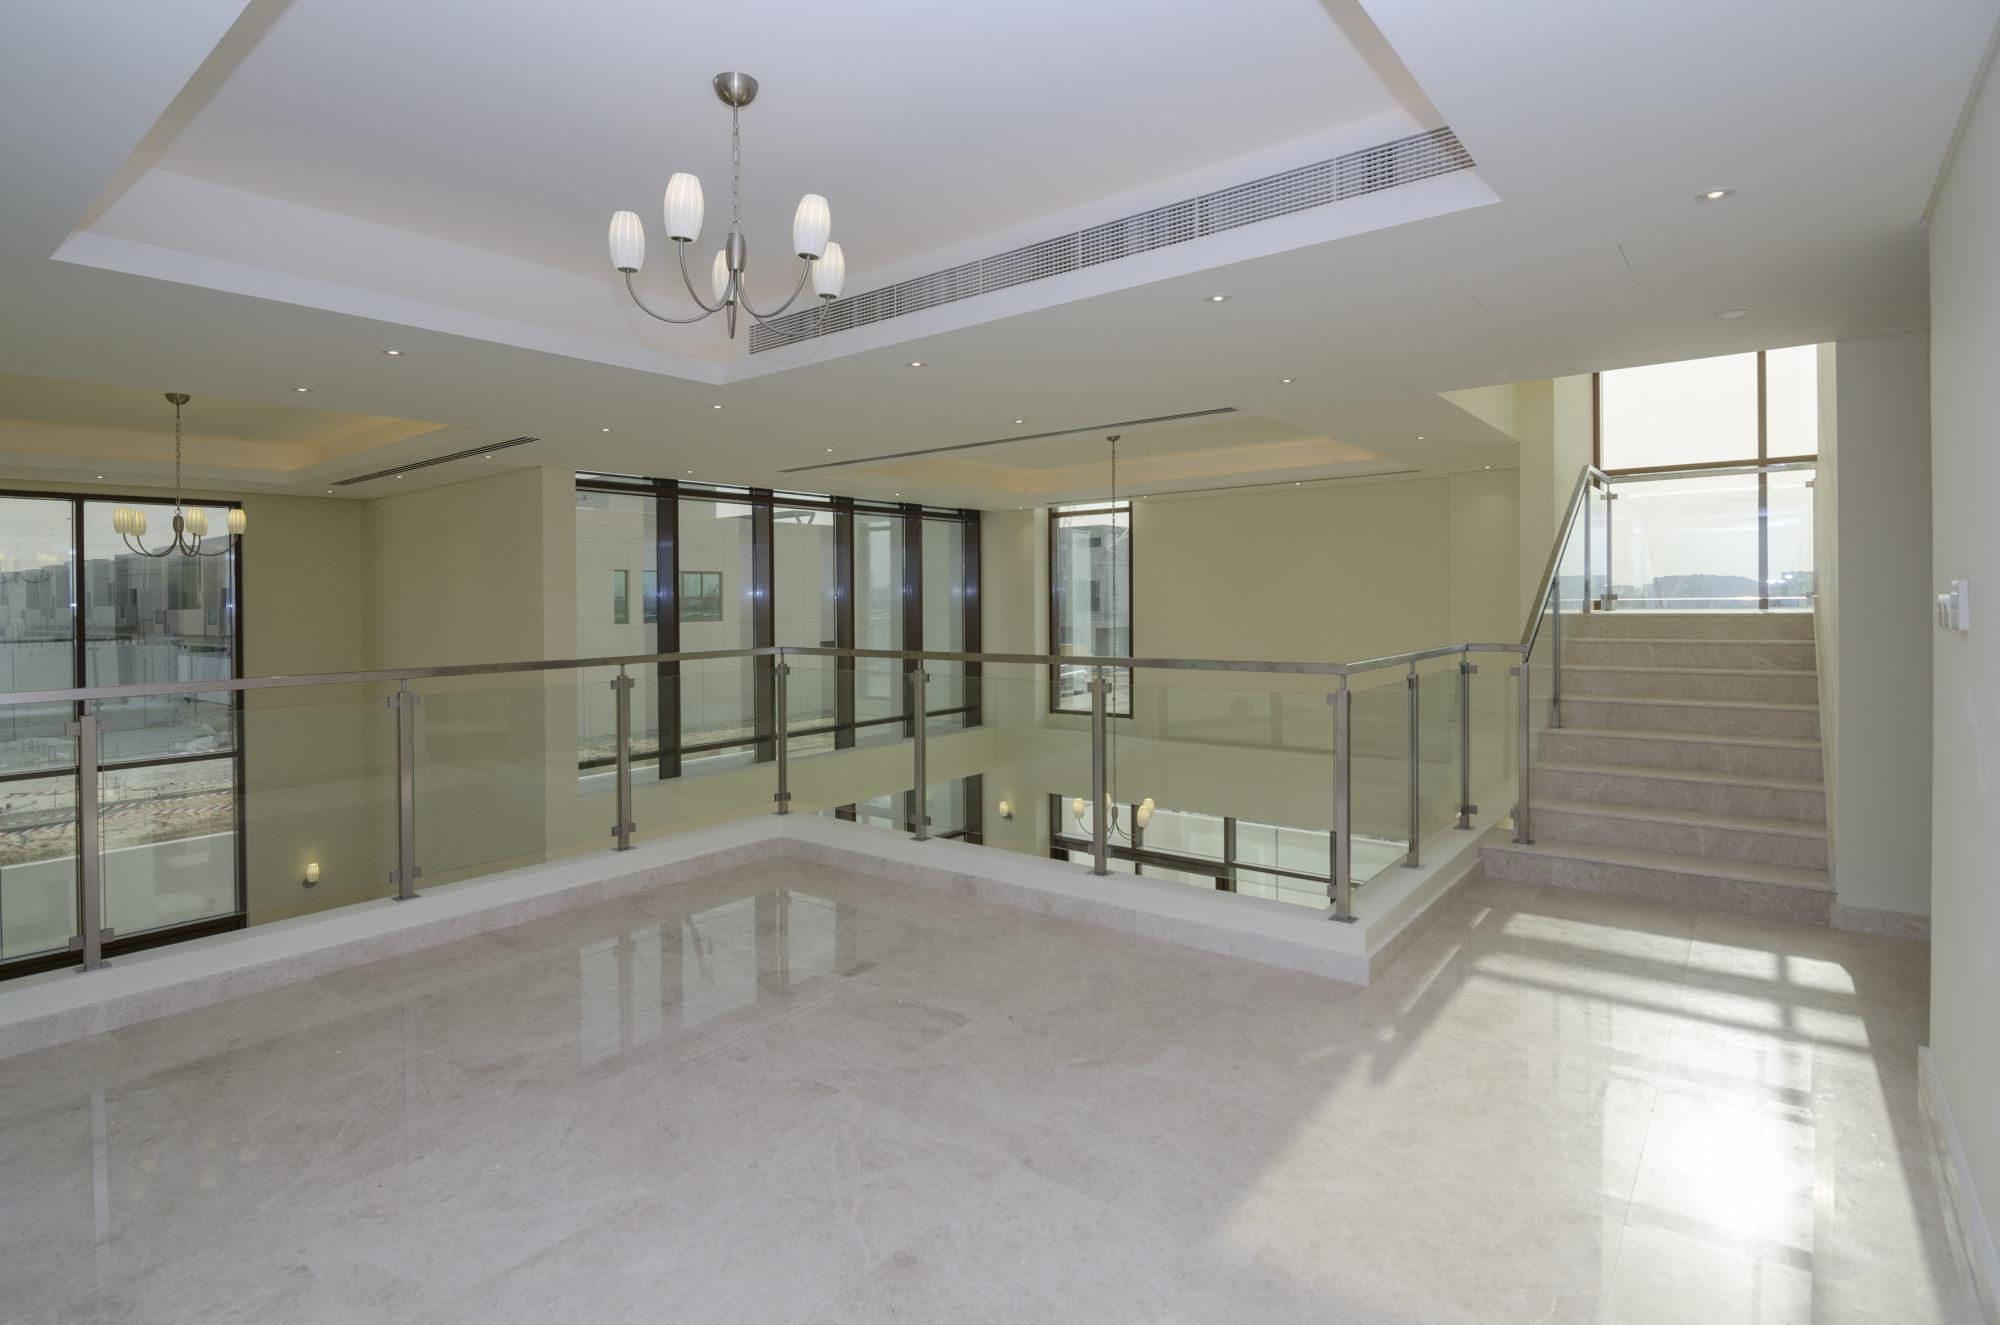 Grand 6 Bed Villa in the Heart of Dubai | MBR City